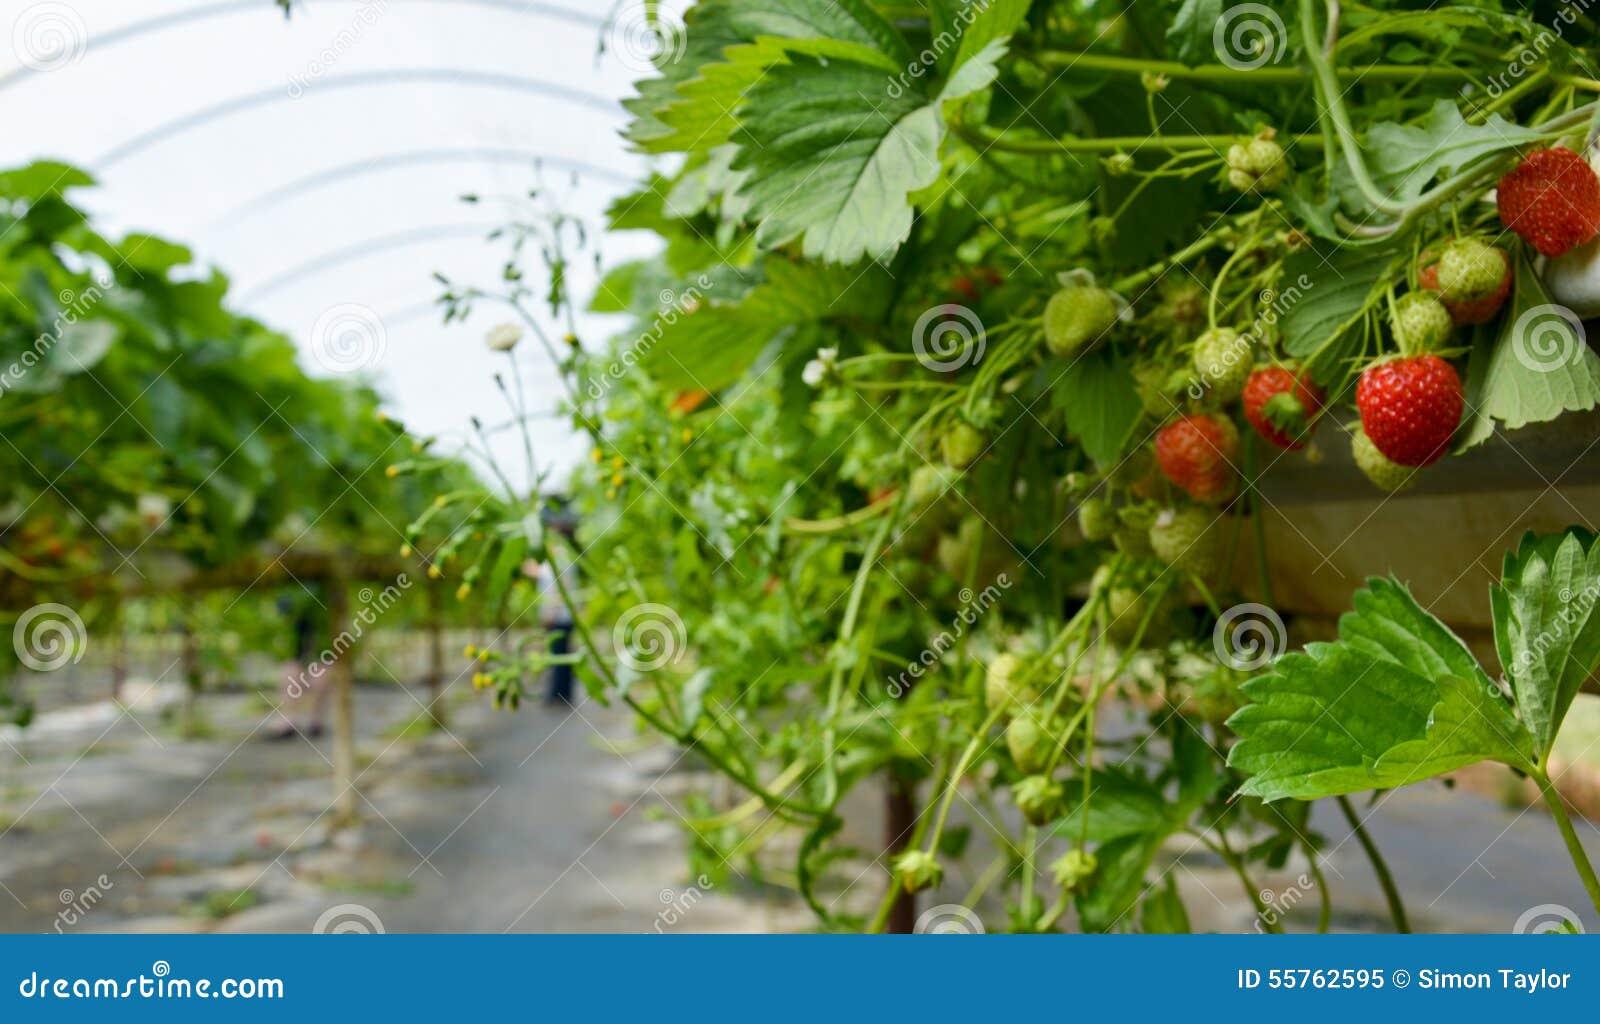 Exploração agrícola da morango